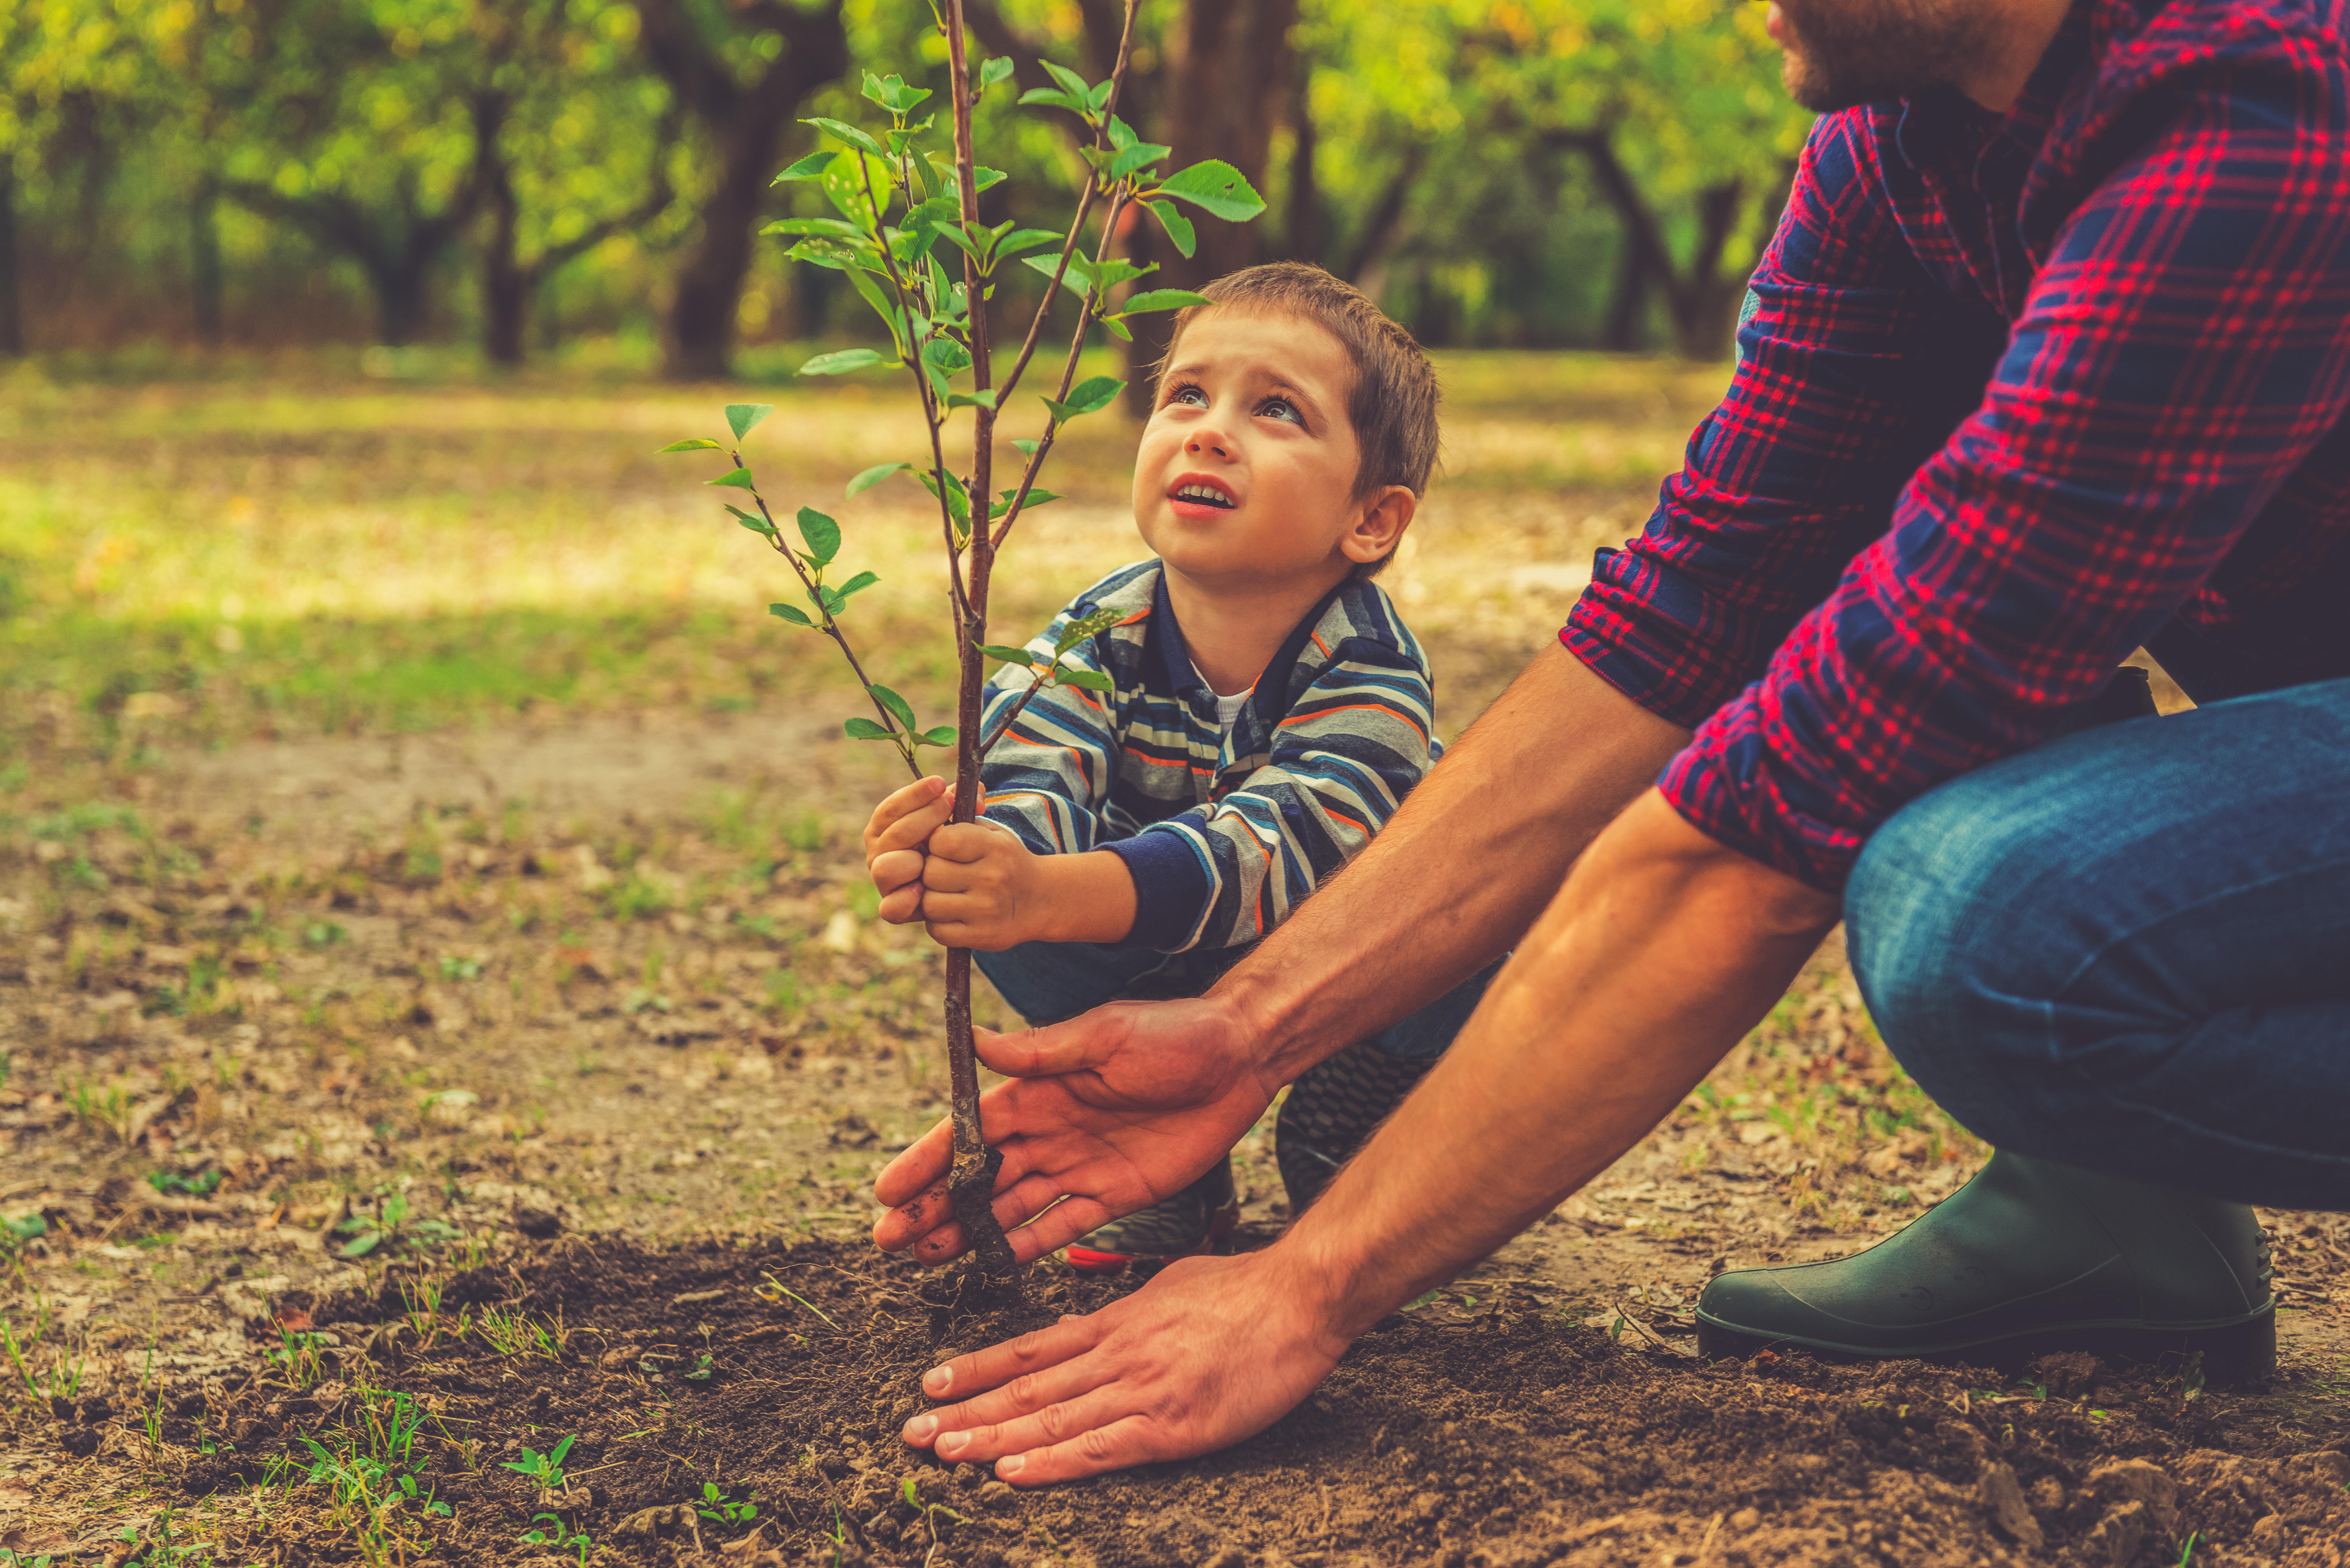 Un enfant plante un arbre avec l'aide d'un adulte